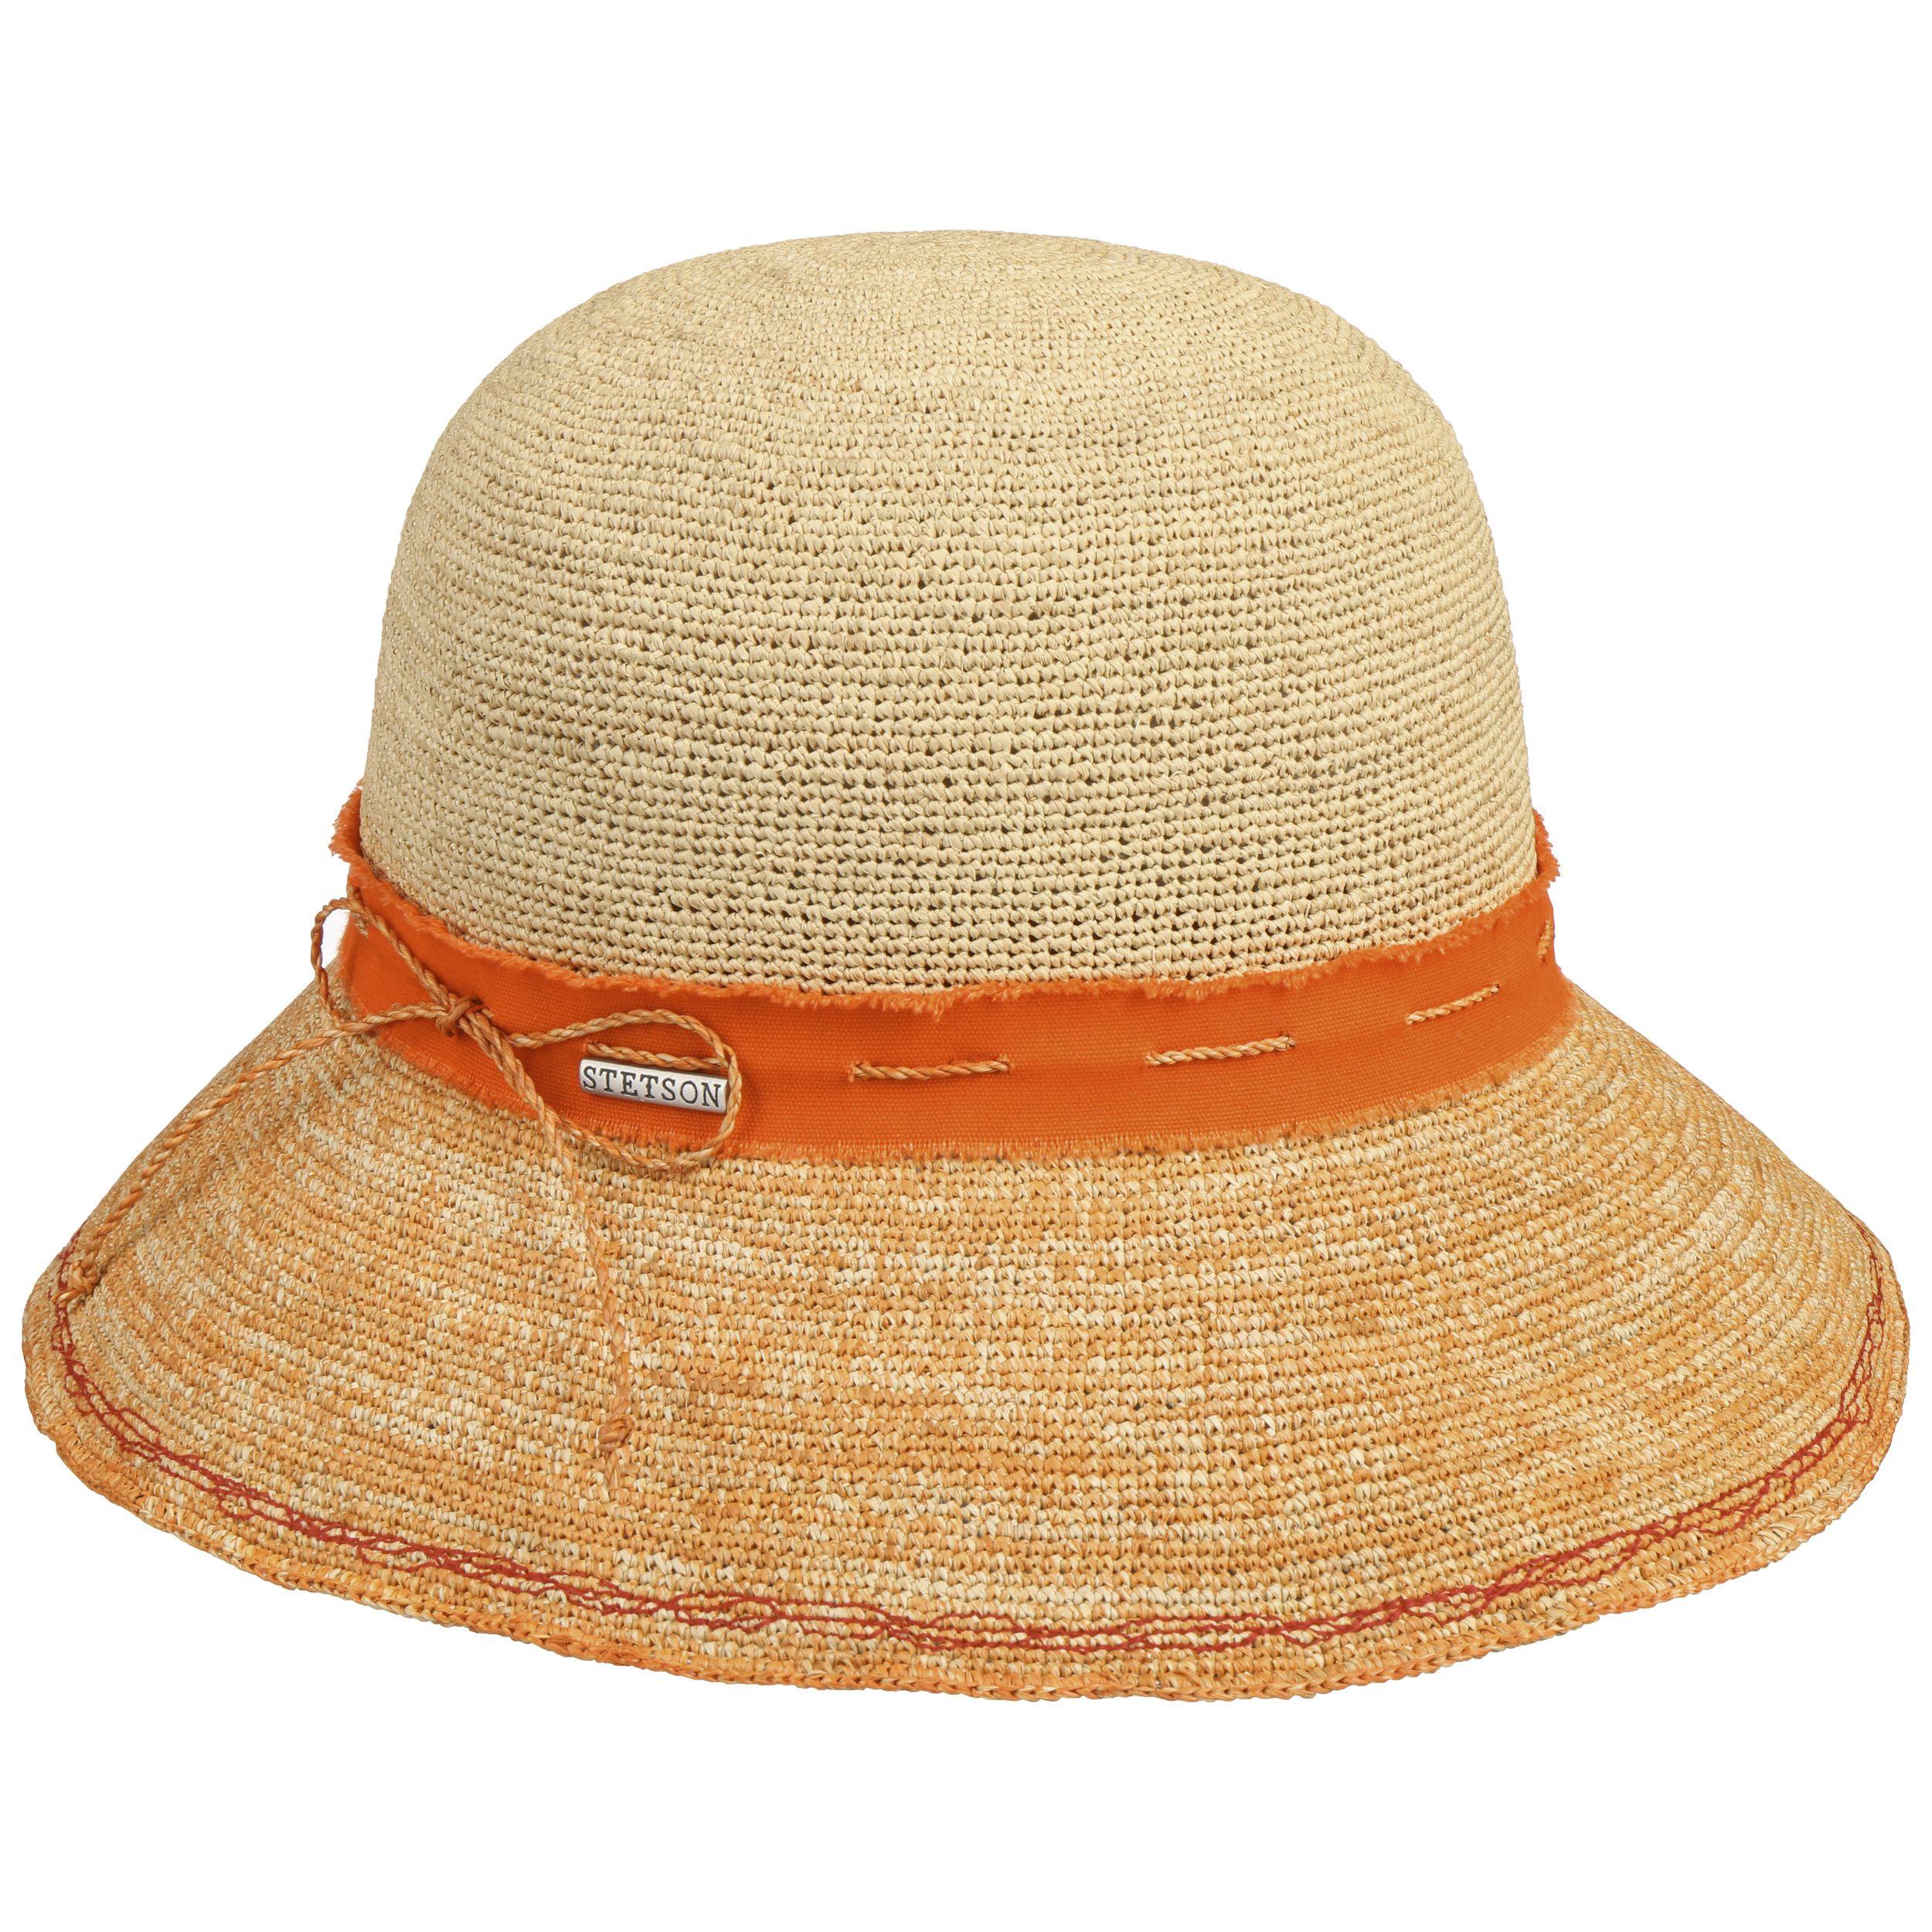 Crochet Damen Strohhut orange